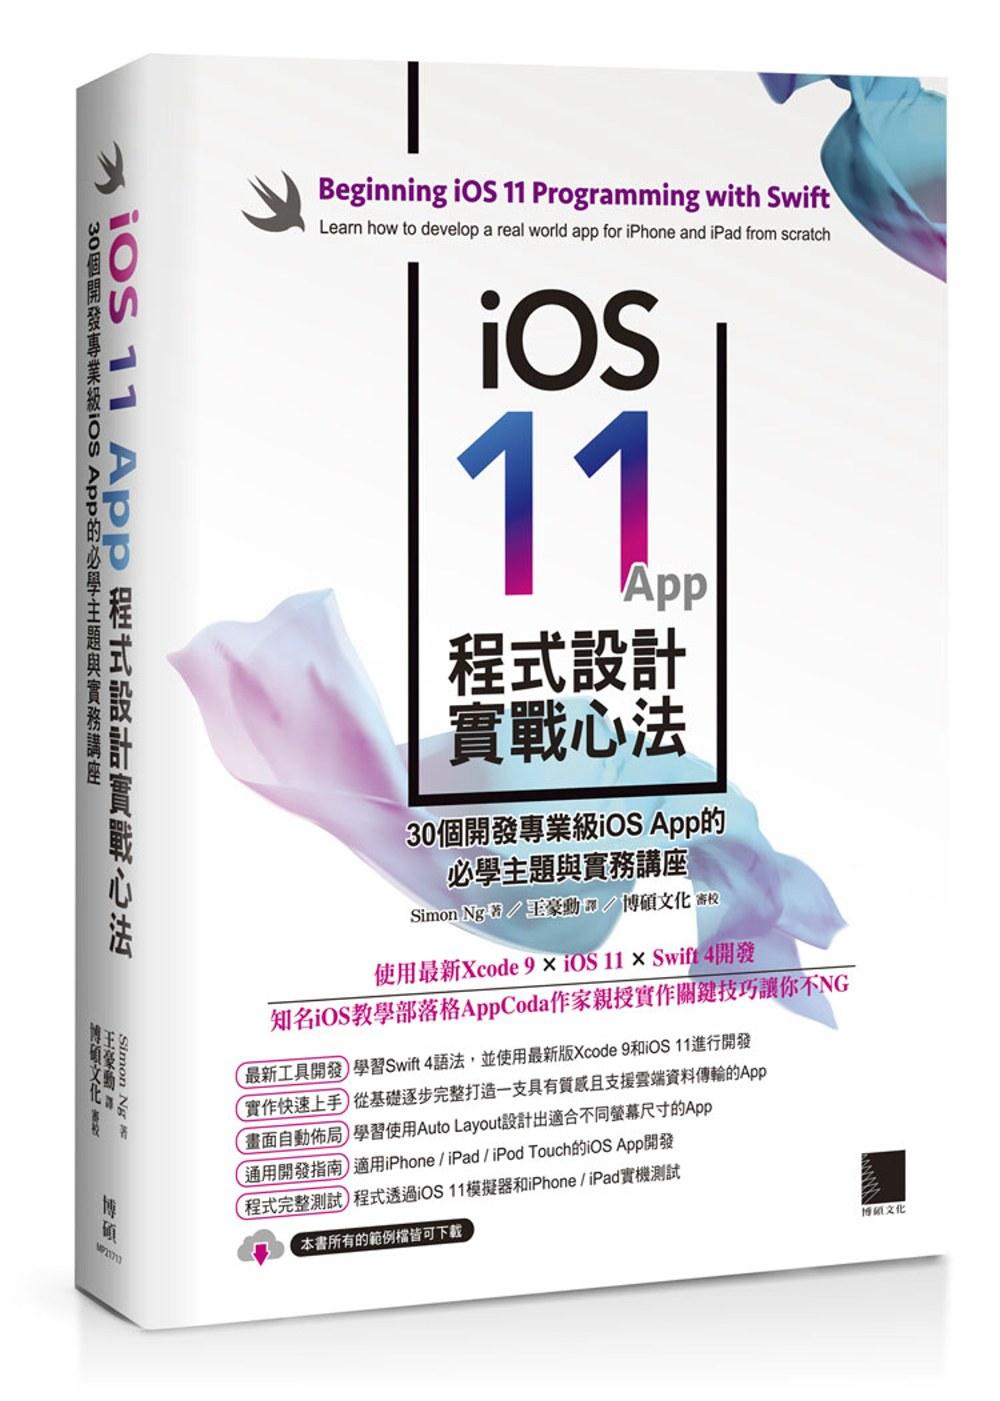 《iOS 11 App程式設計實戰心法:30個開發專業級iOS App的必學主題與實務講座》 商品條碼,ISBN:9789864342716